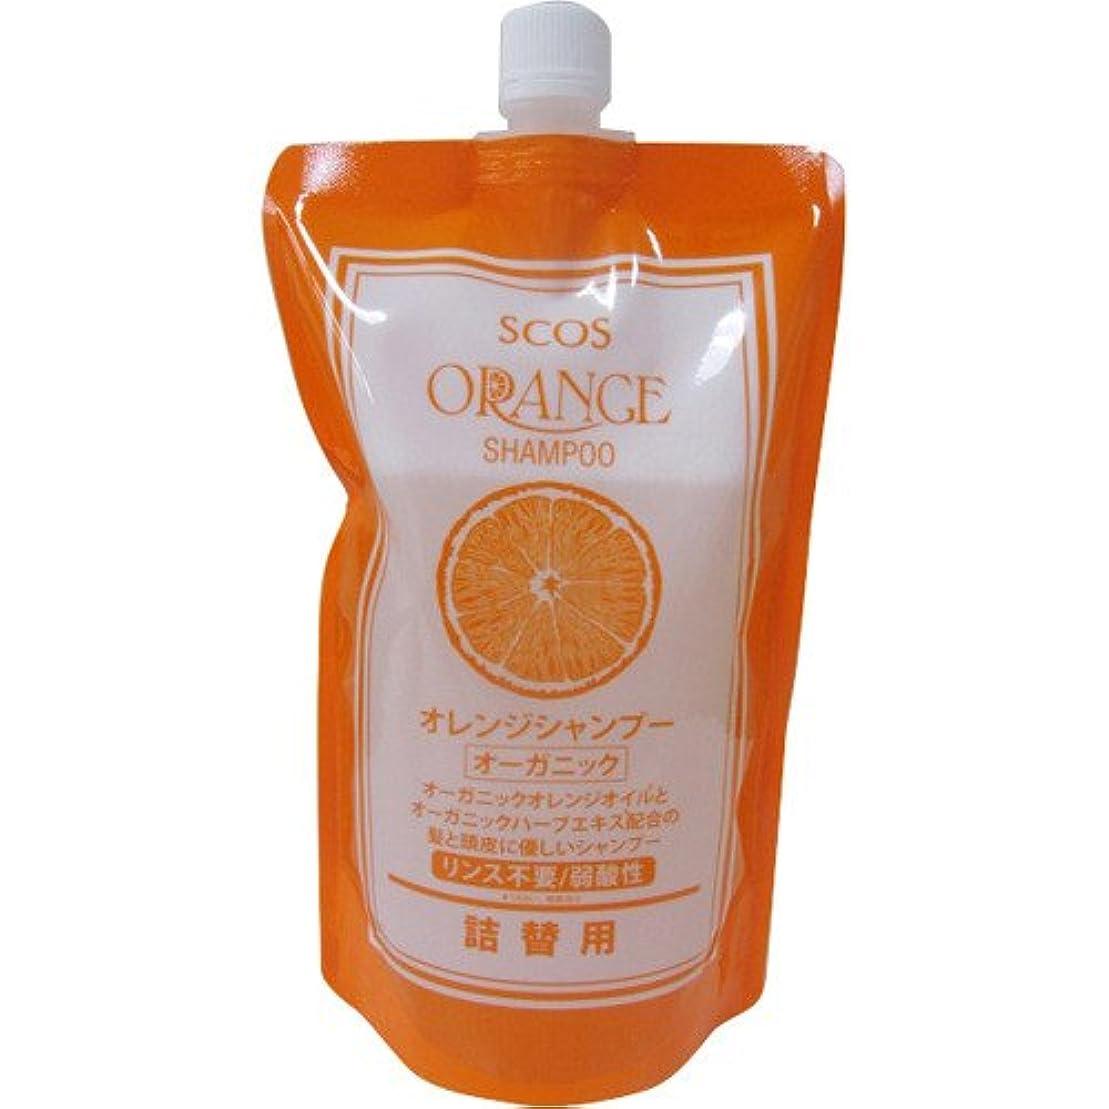 聖歌ペスト哺乳類エスコス オレンジシャンプーオーガニック 詰替用 700ml